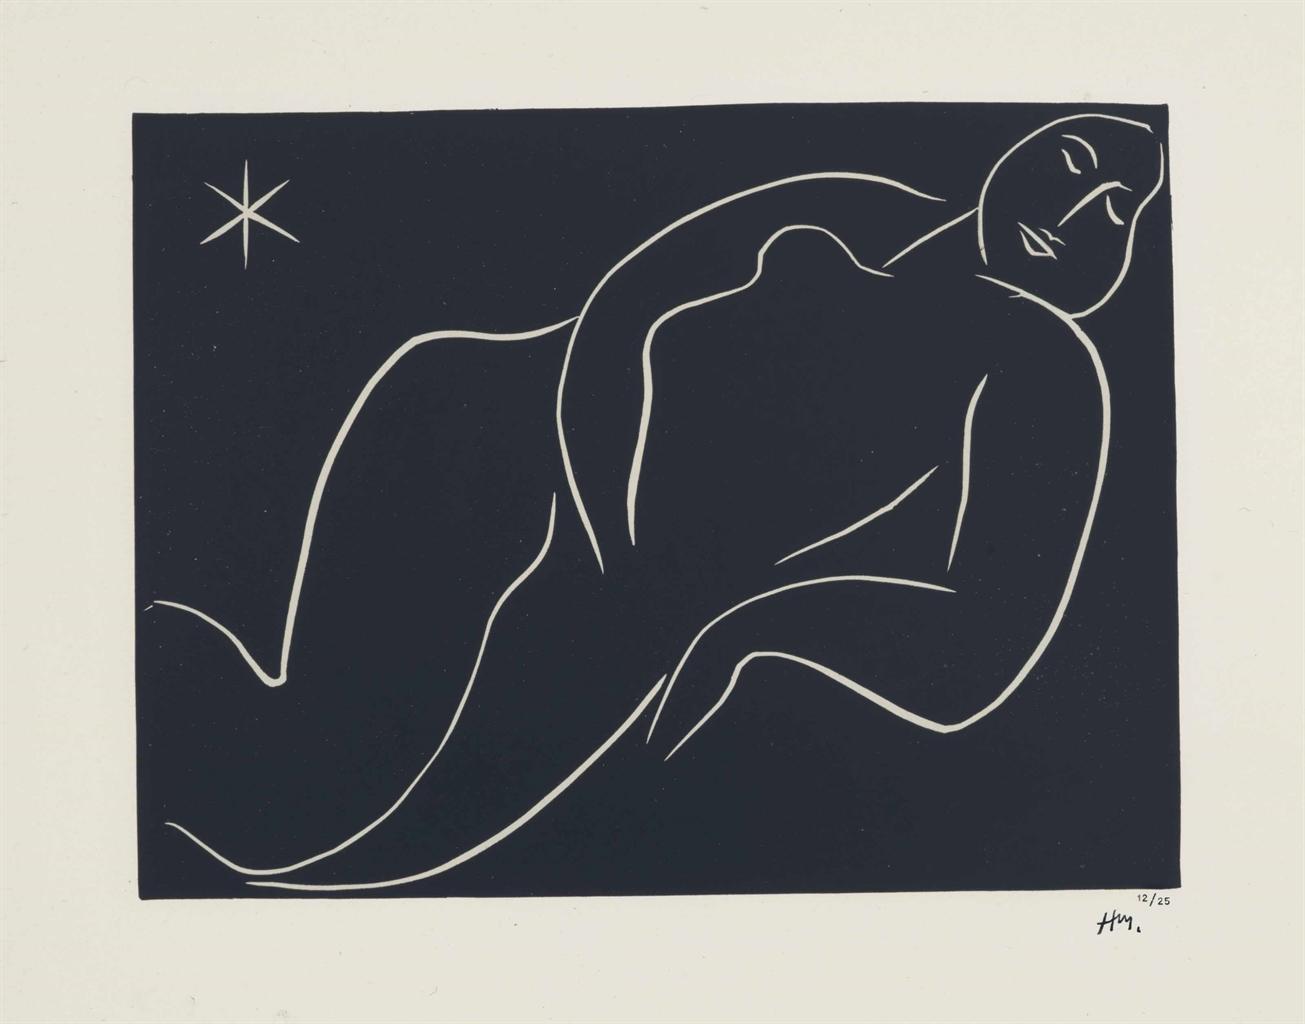 Henri Matisse-Nu a l'etoile-1938